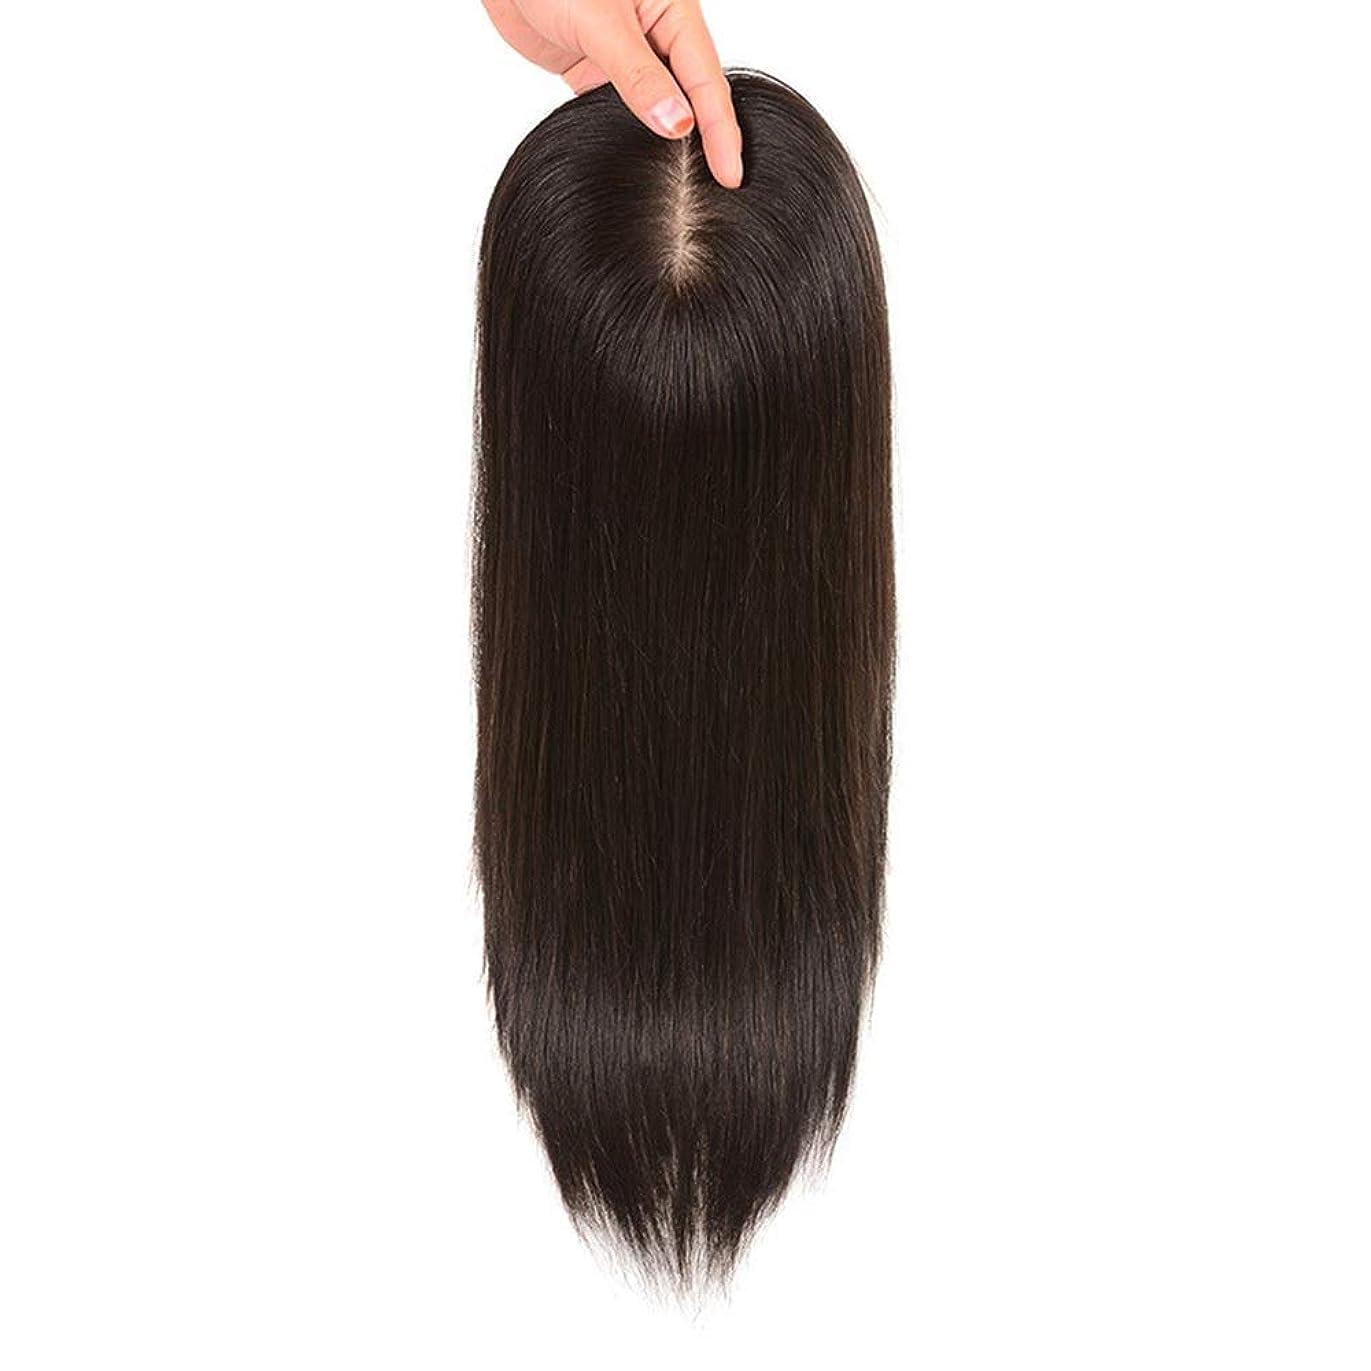 ジャンプする投獄ことわざHOHYLLYA 女性の長いストレートヘアクリップヘアエクステンションで髪をかつら見えないパーティーかつらを増やす (色 : Natural black, サイズ : [7x10]25cm)